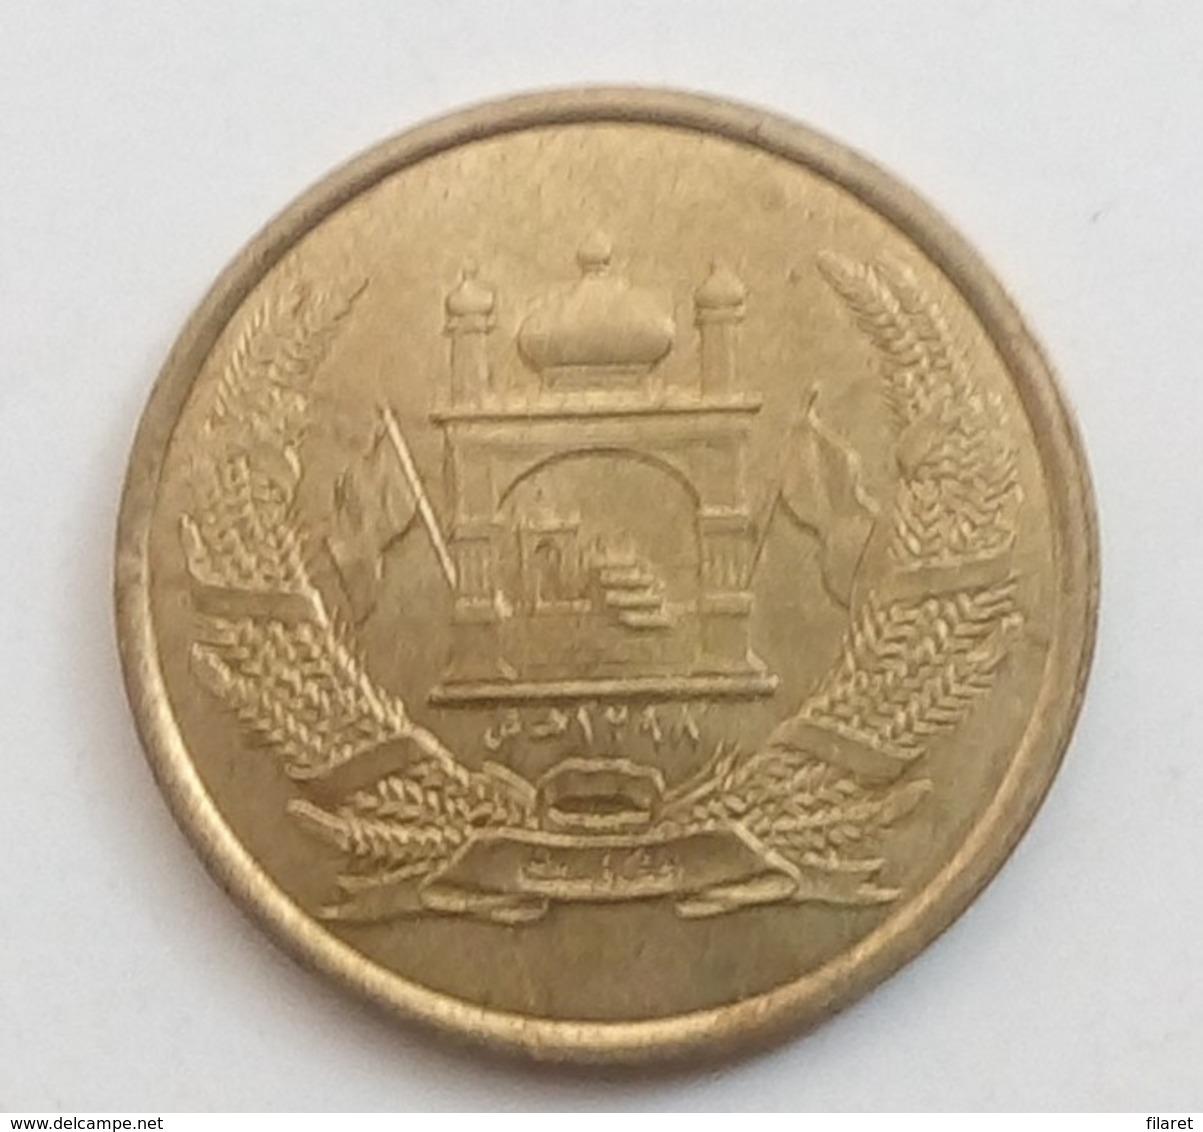 5 NEW AFGHANIS,2004 - Afghanistan